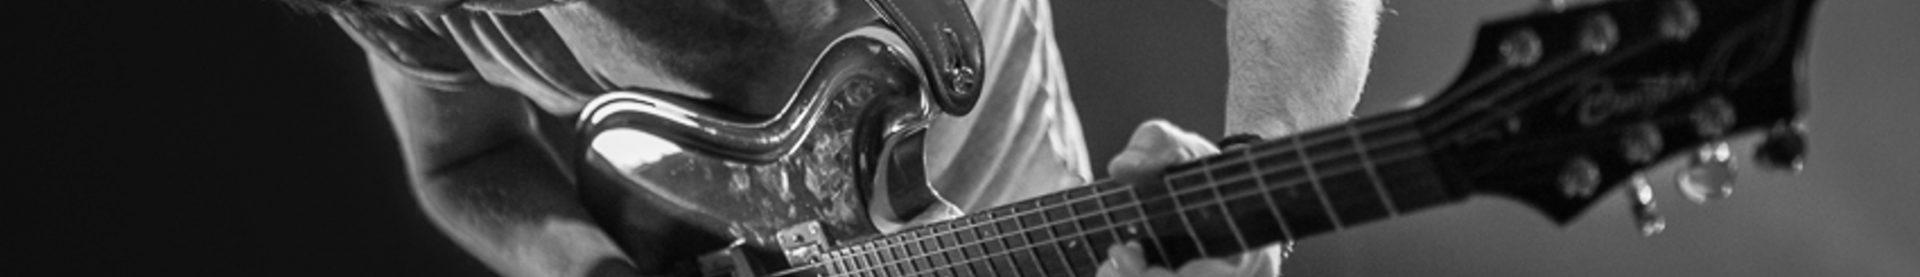 guitar-trainer